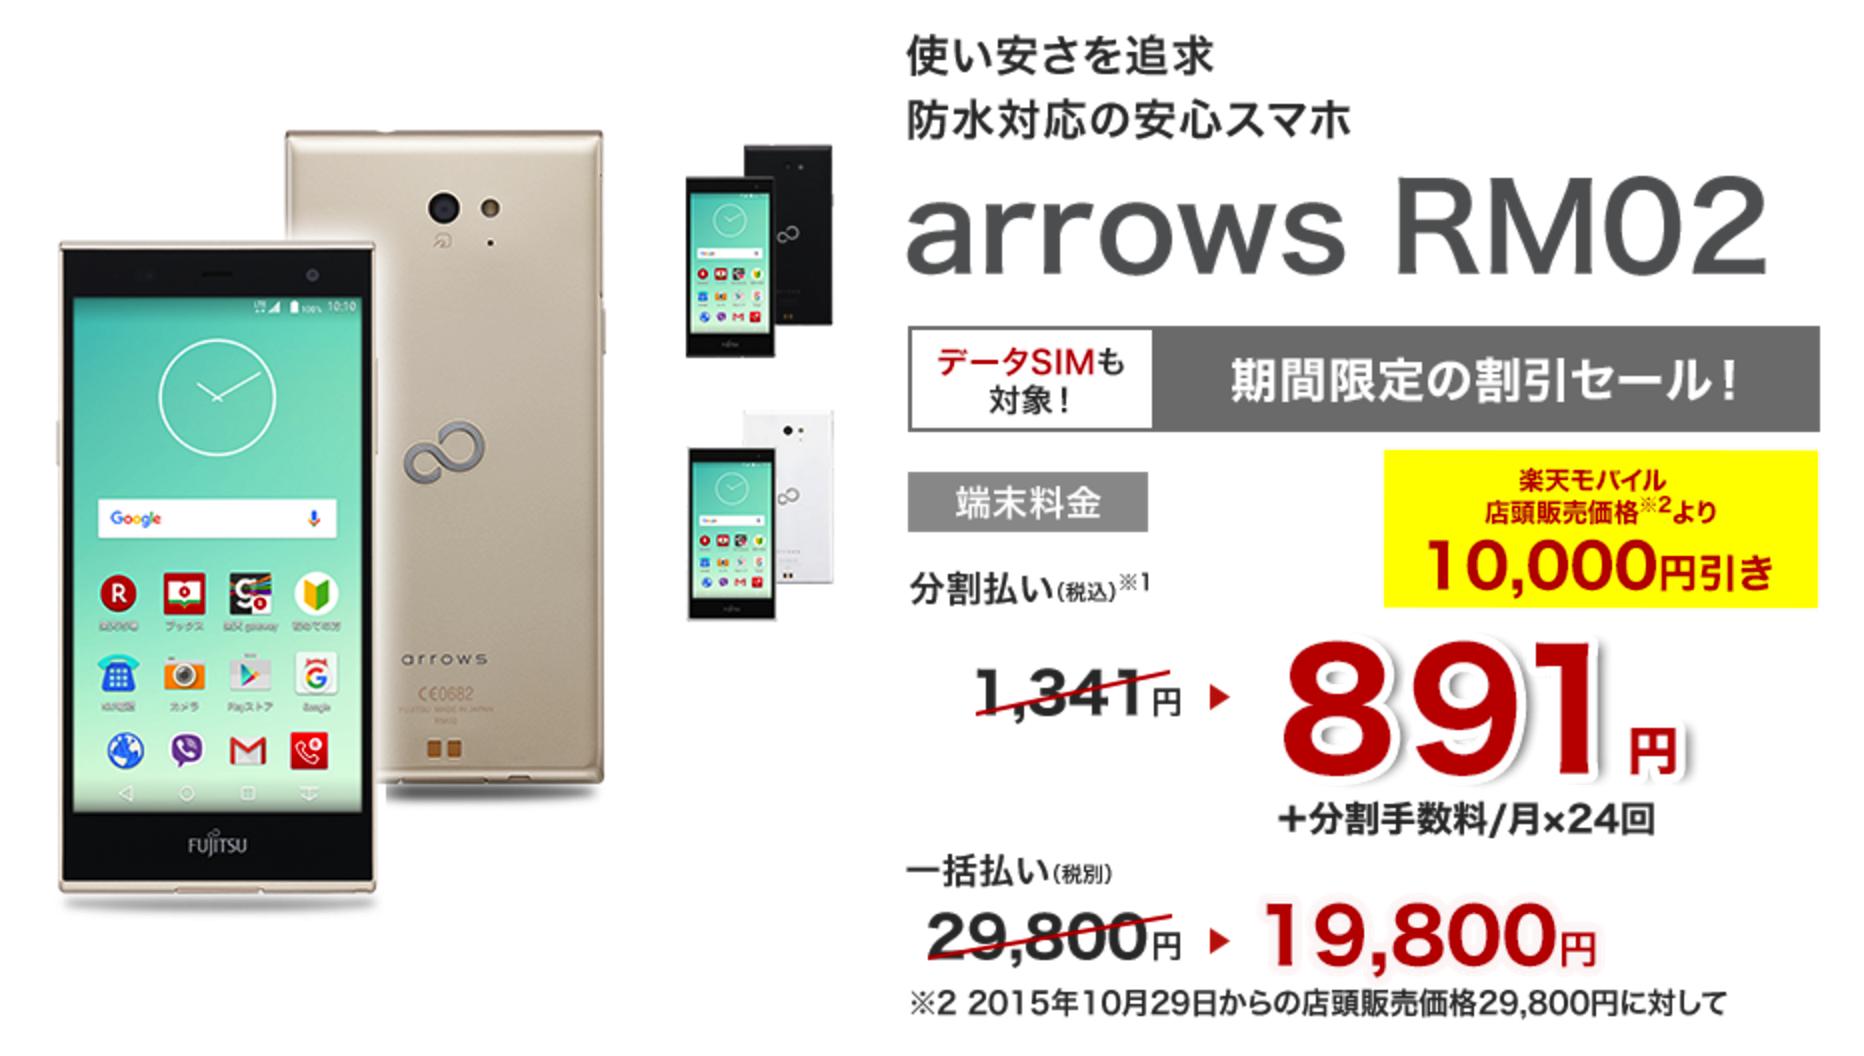 arrows_m02_rakuten-mobile